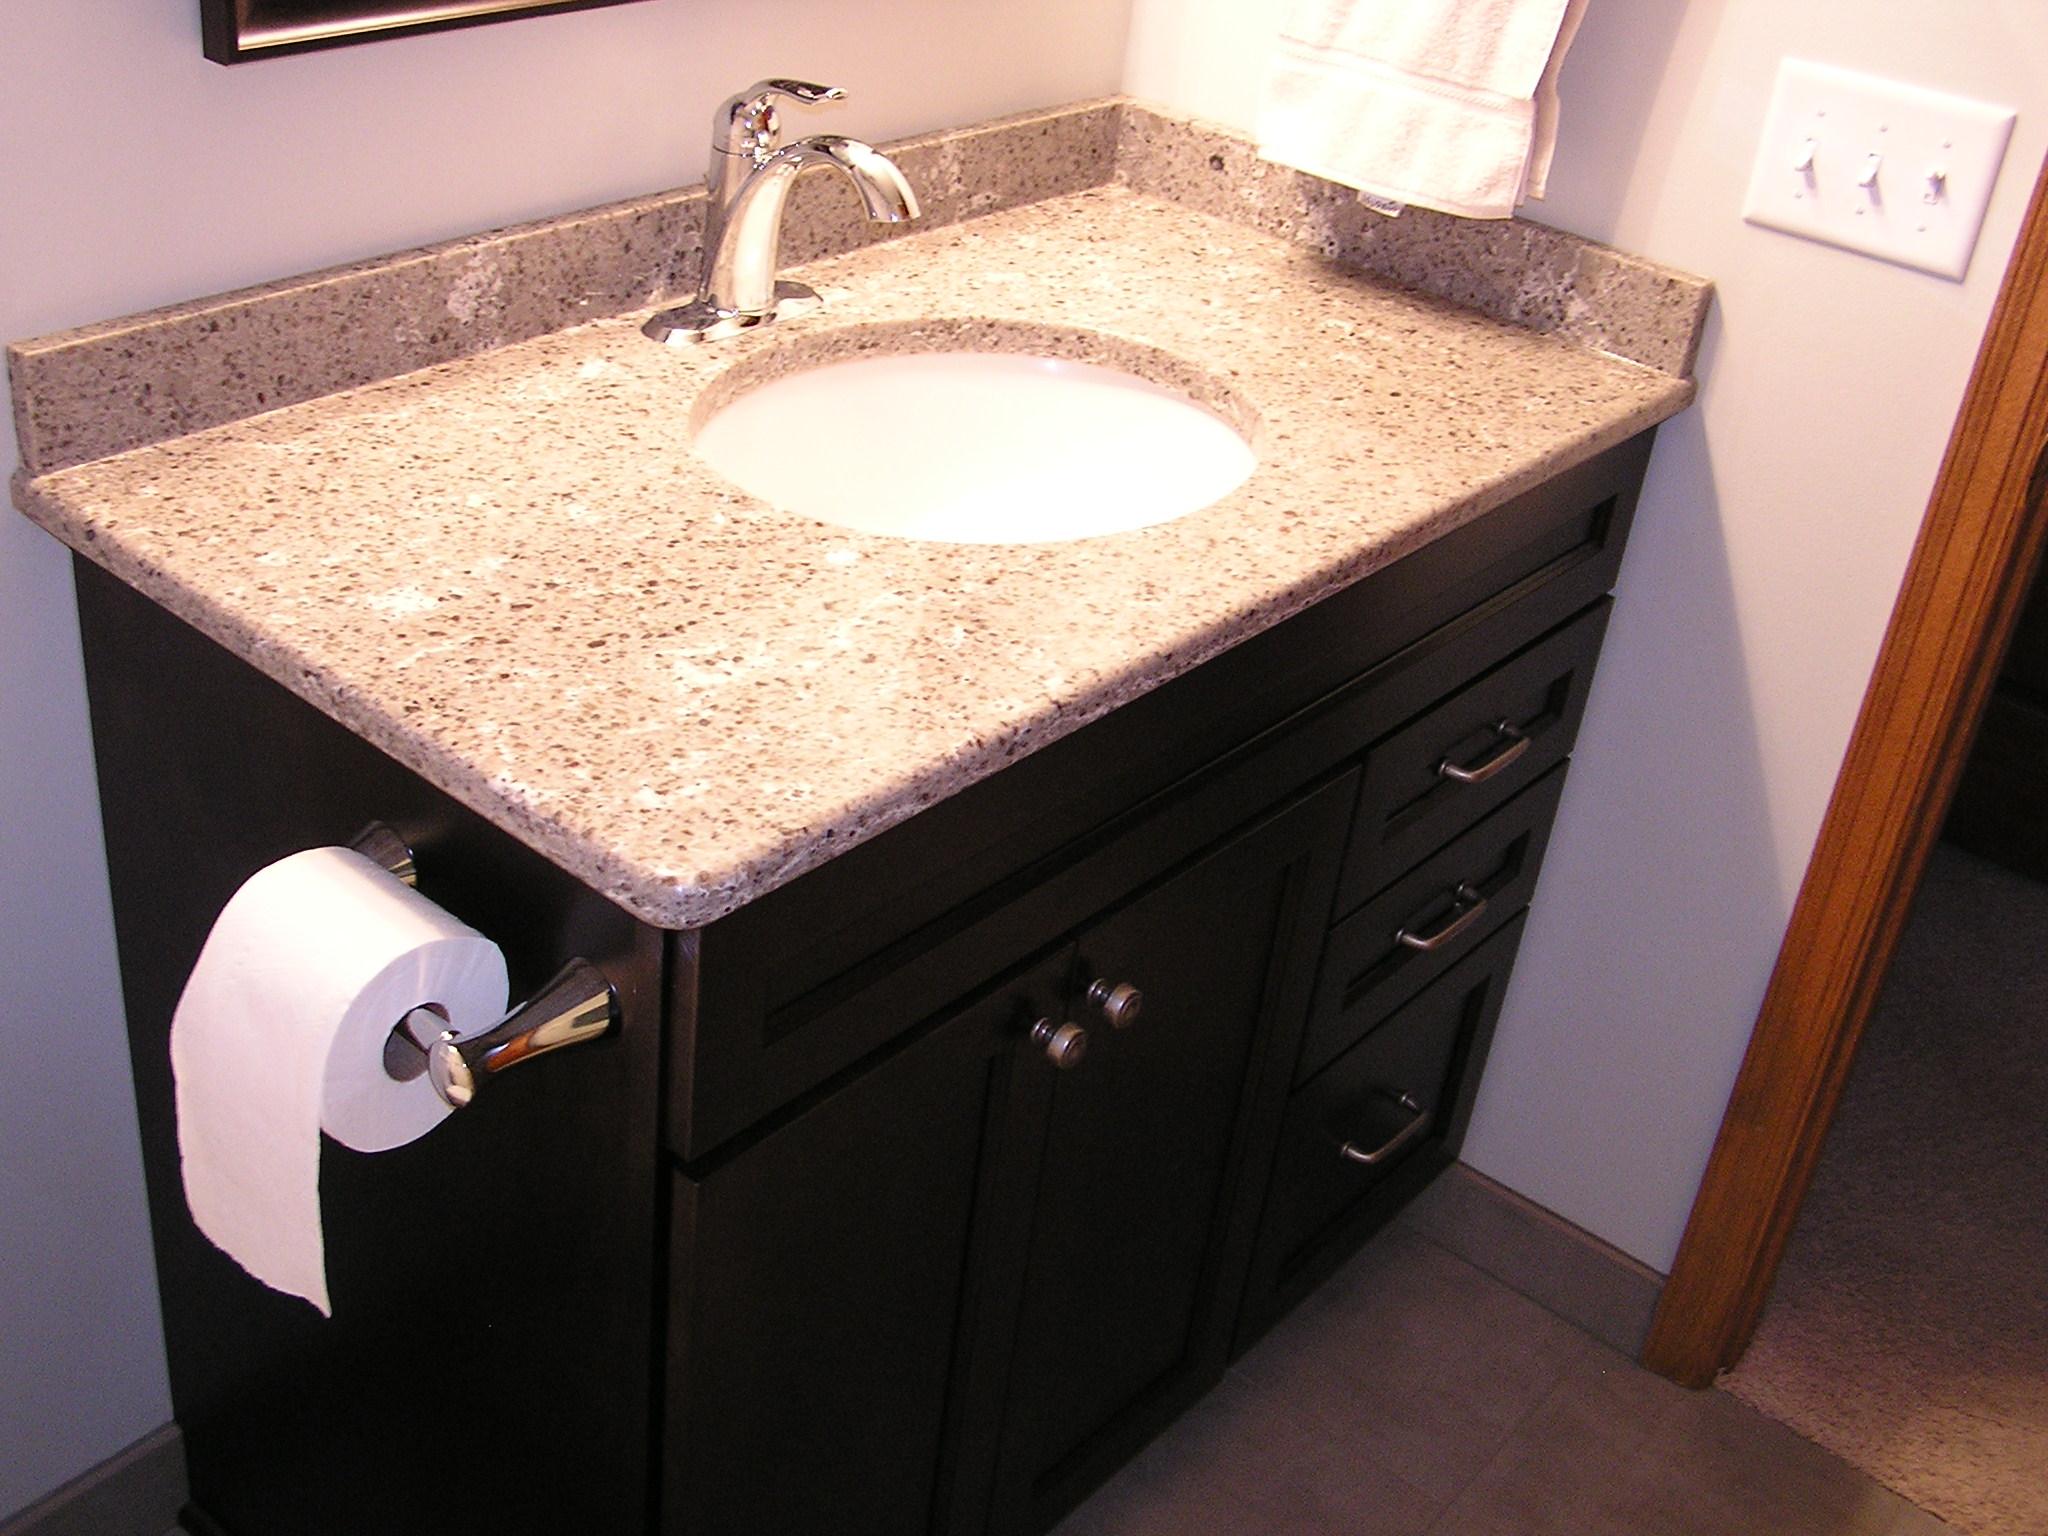 Bathroom Remodel Kids kids bathroom remodel in mendota heights - allrounder remodeling inc.